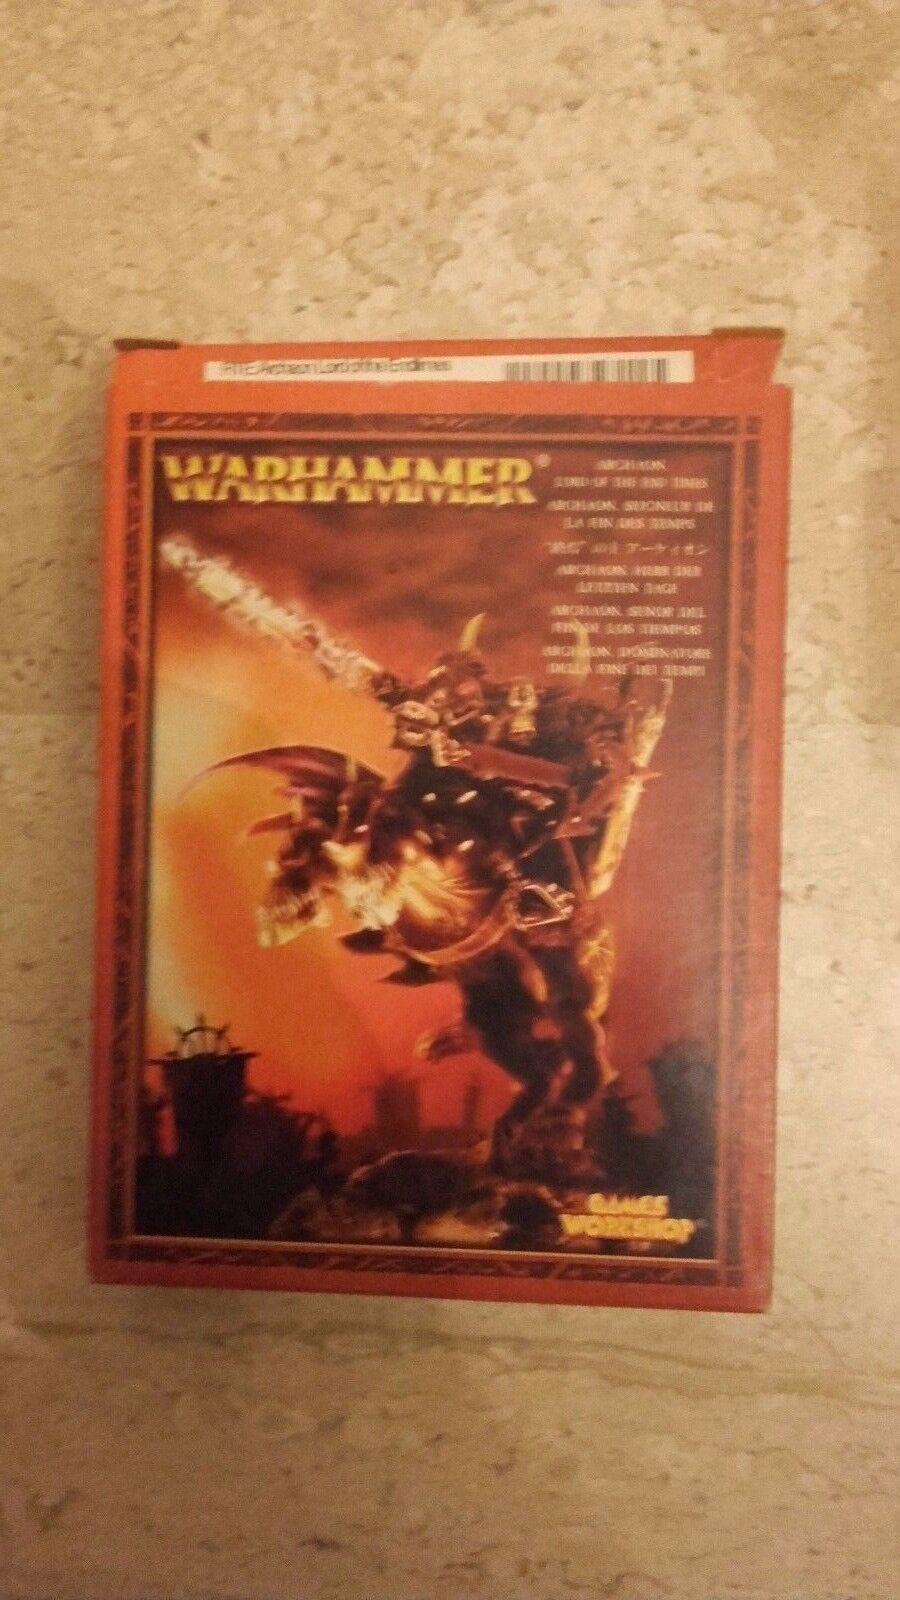 Warhammer GW Guerreros del Caos Caos Archaon en caja abierta